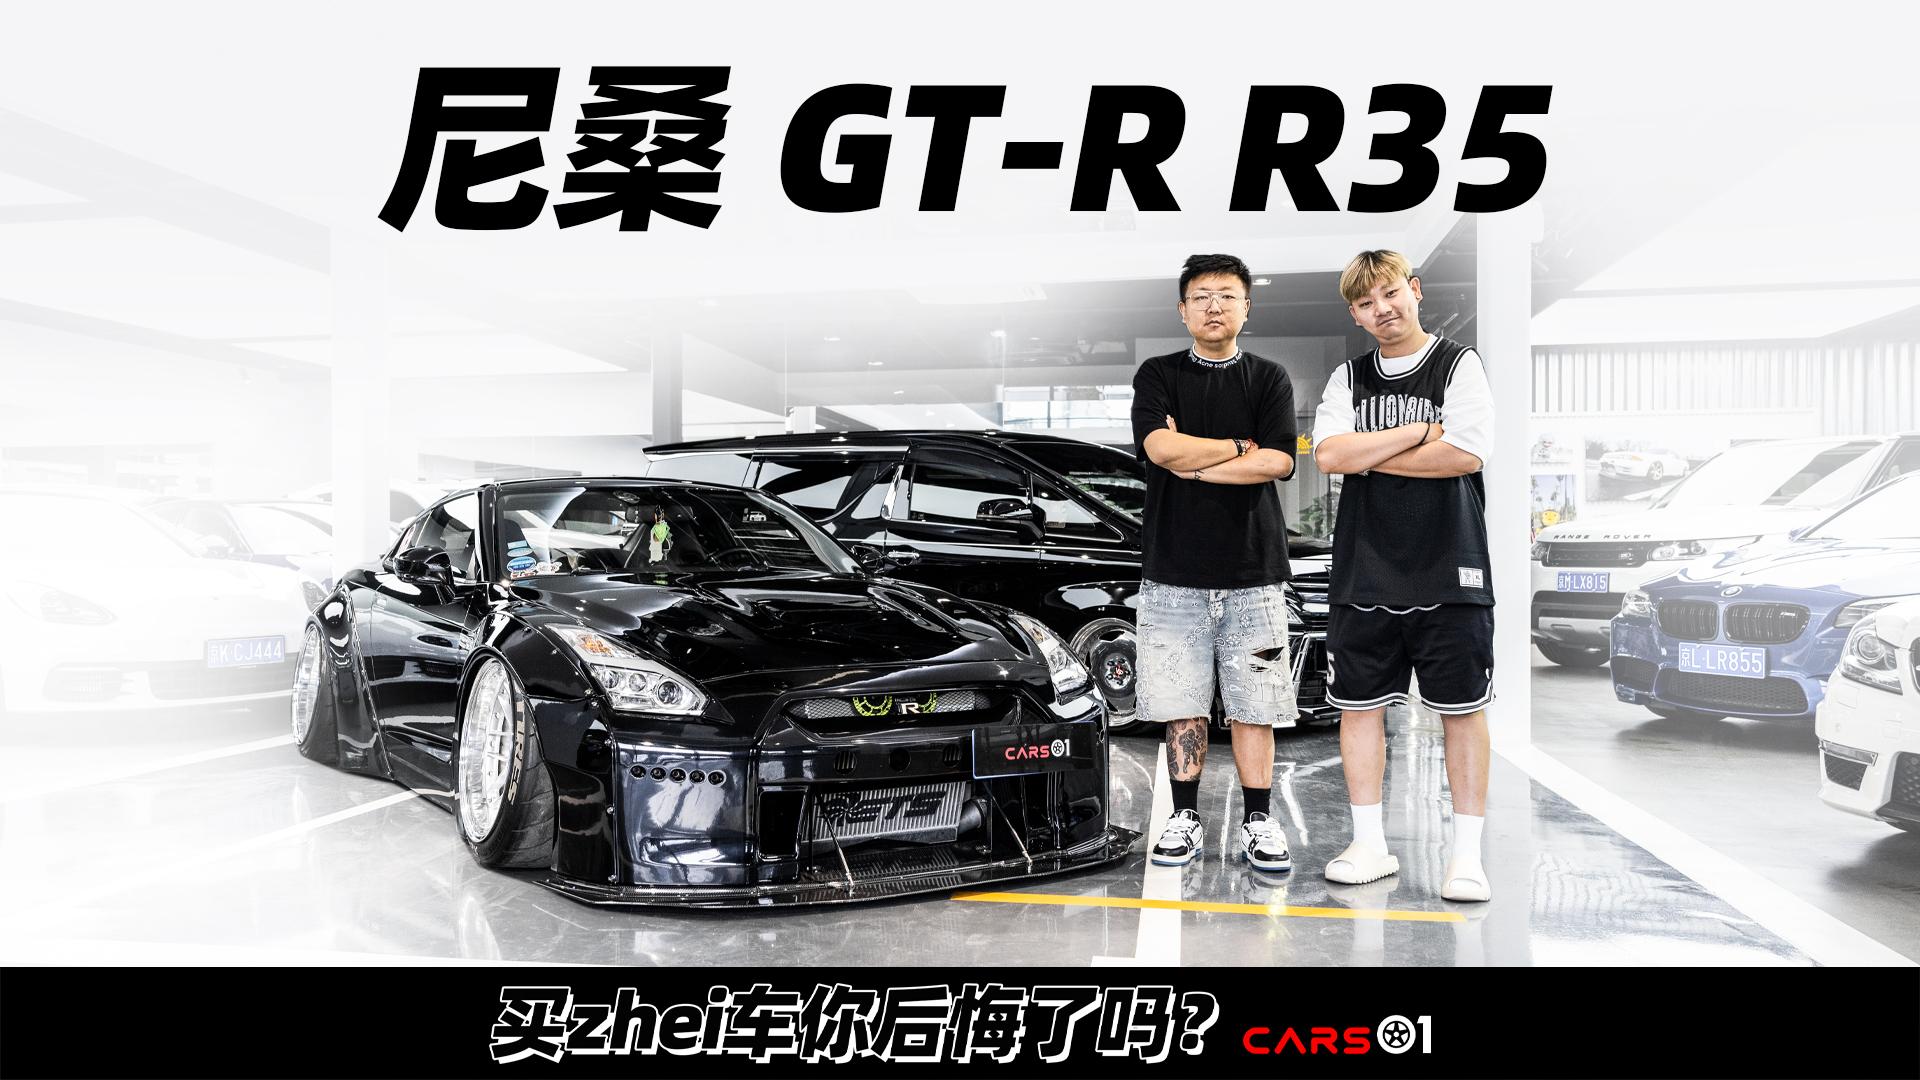 Cars01车主说丨买zhei车你后悔了吗?――日产GT-R R35视频